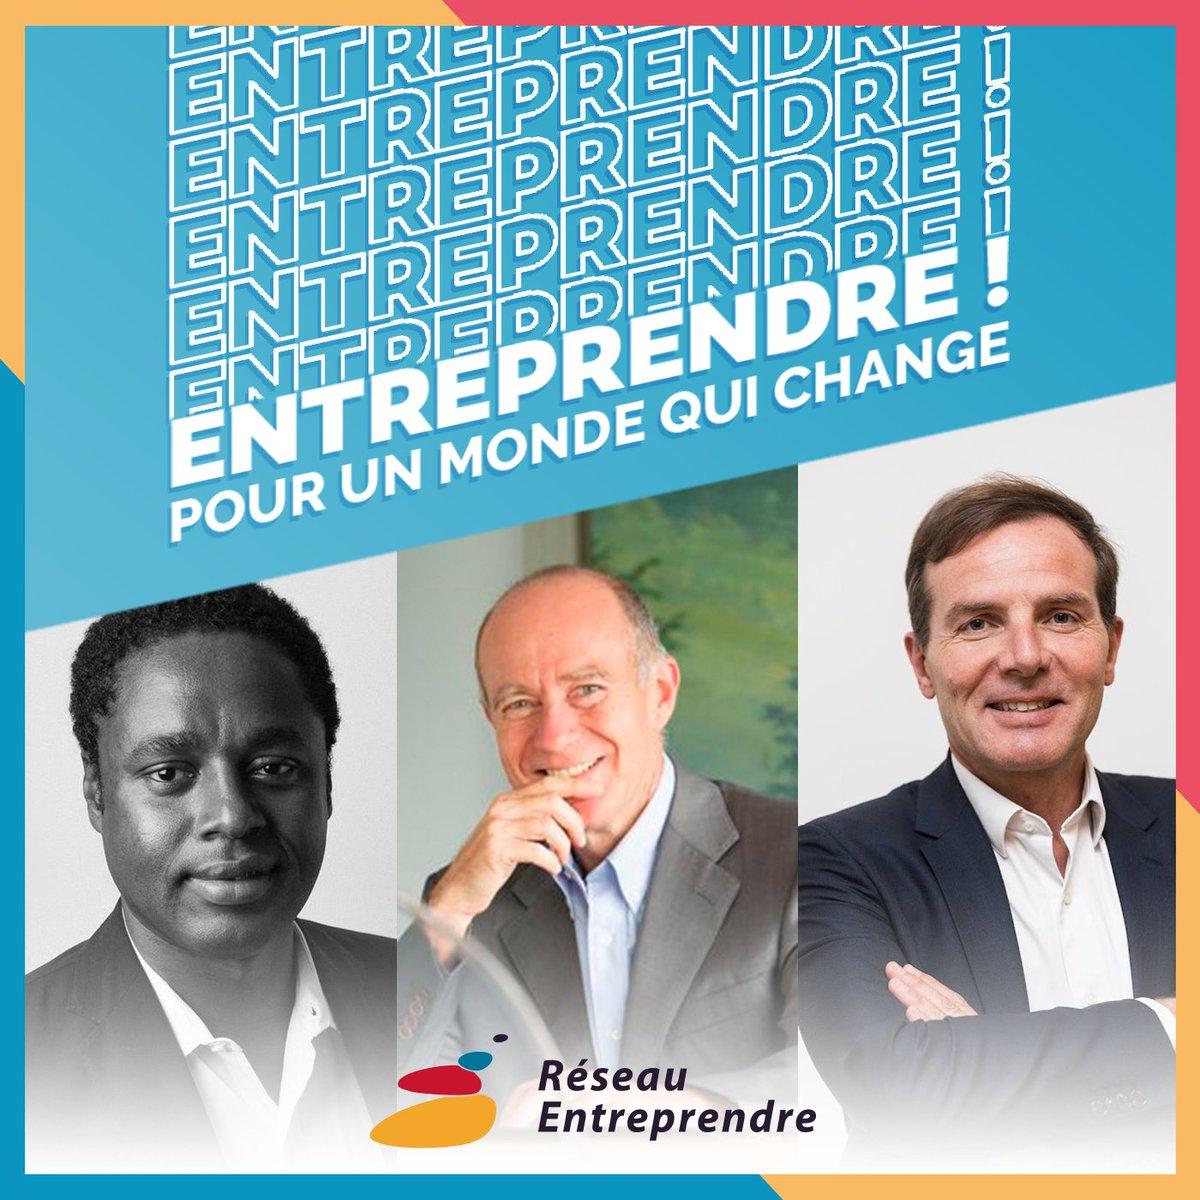 [#Podcast] Dans l'épisode 2 de @RsoEntreprendre @claudegrunitzky, serial entrepreuneur,   @MichelSarrat(dirigeant de GT solutions) et Olivier de la Chevasnerie (président de RE) partagent leur vision de l'entrepreneuriat de demain. Inspirant !   👉  https://t.co/TYaw4D5Ogm https://t.co/Vqz9aKjbRH